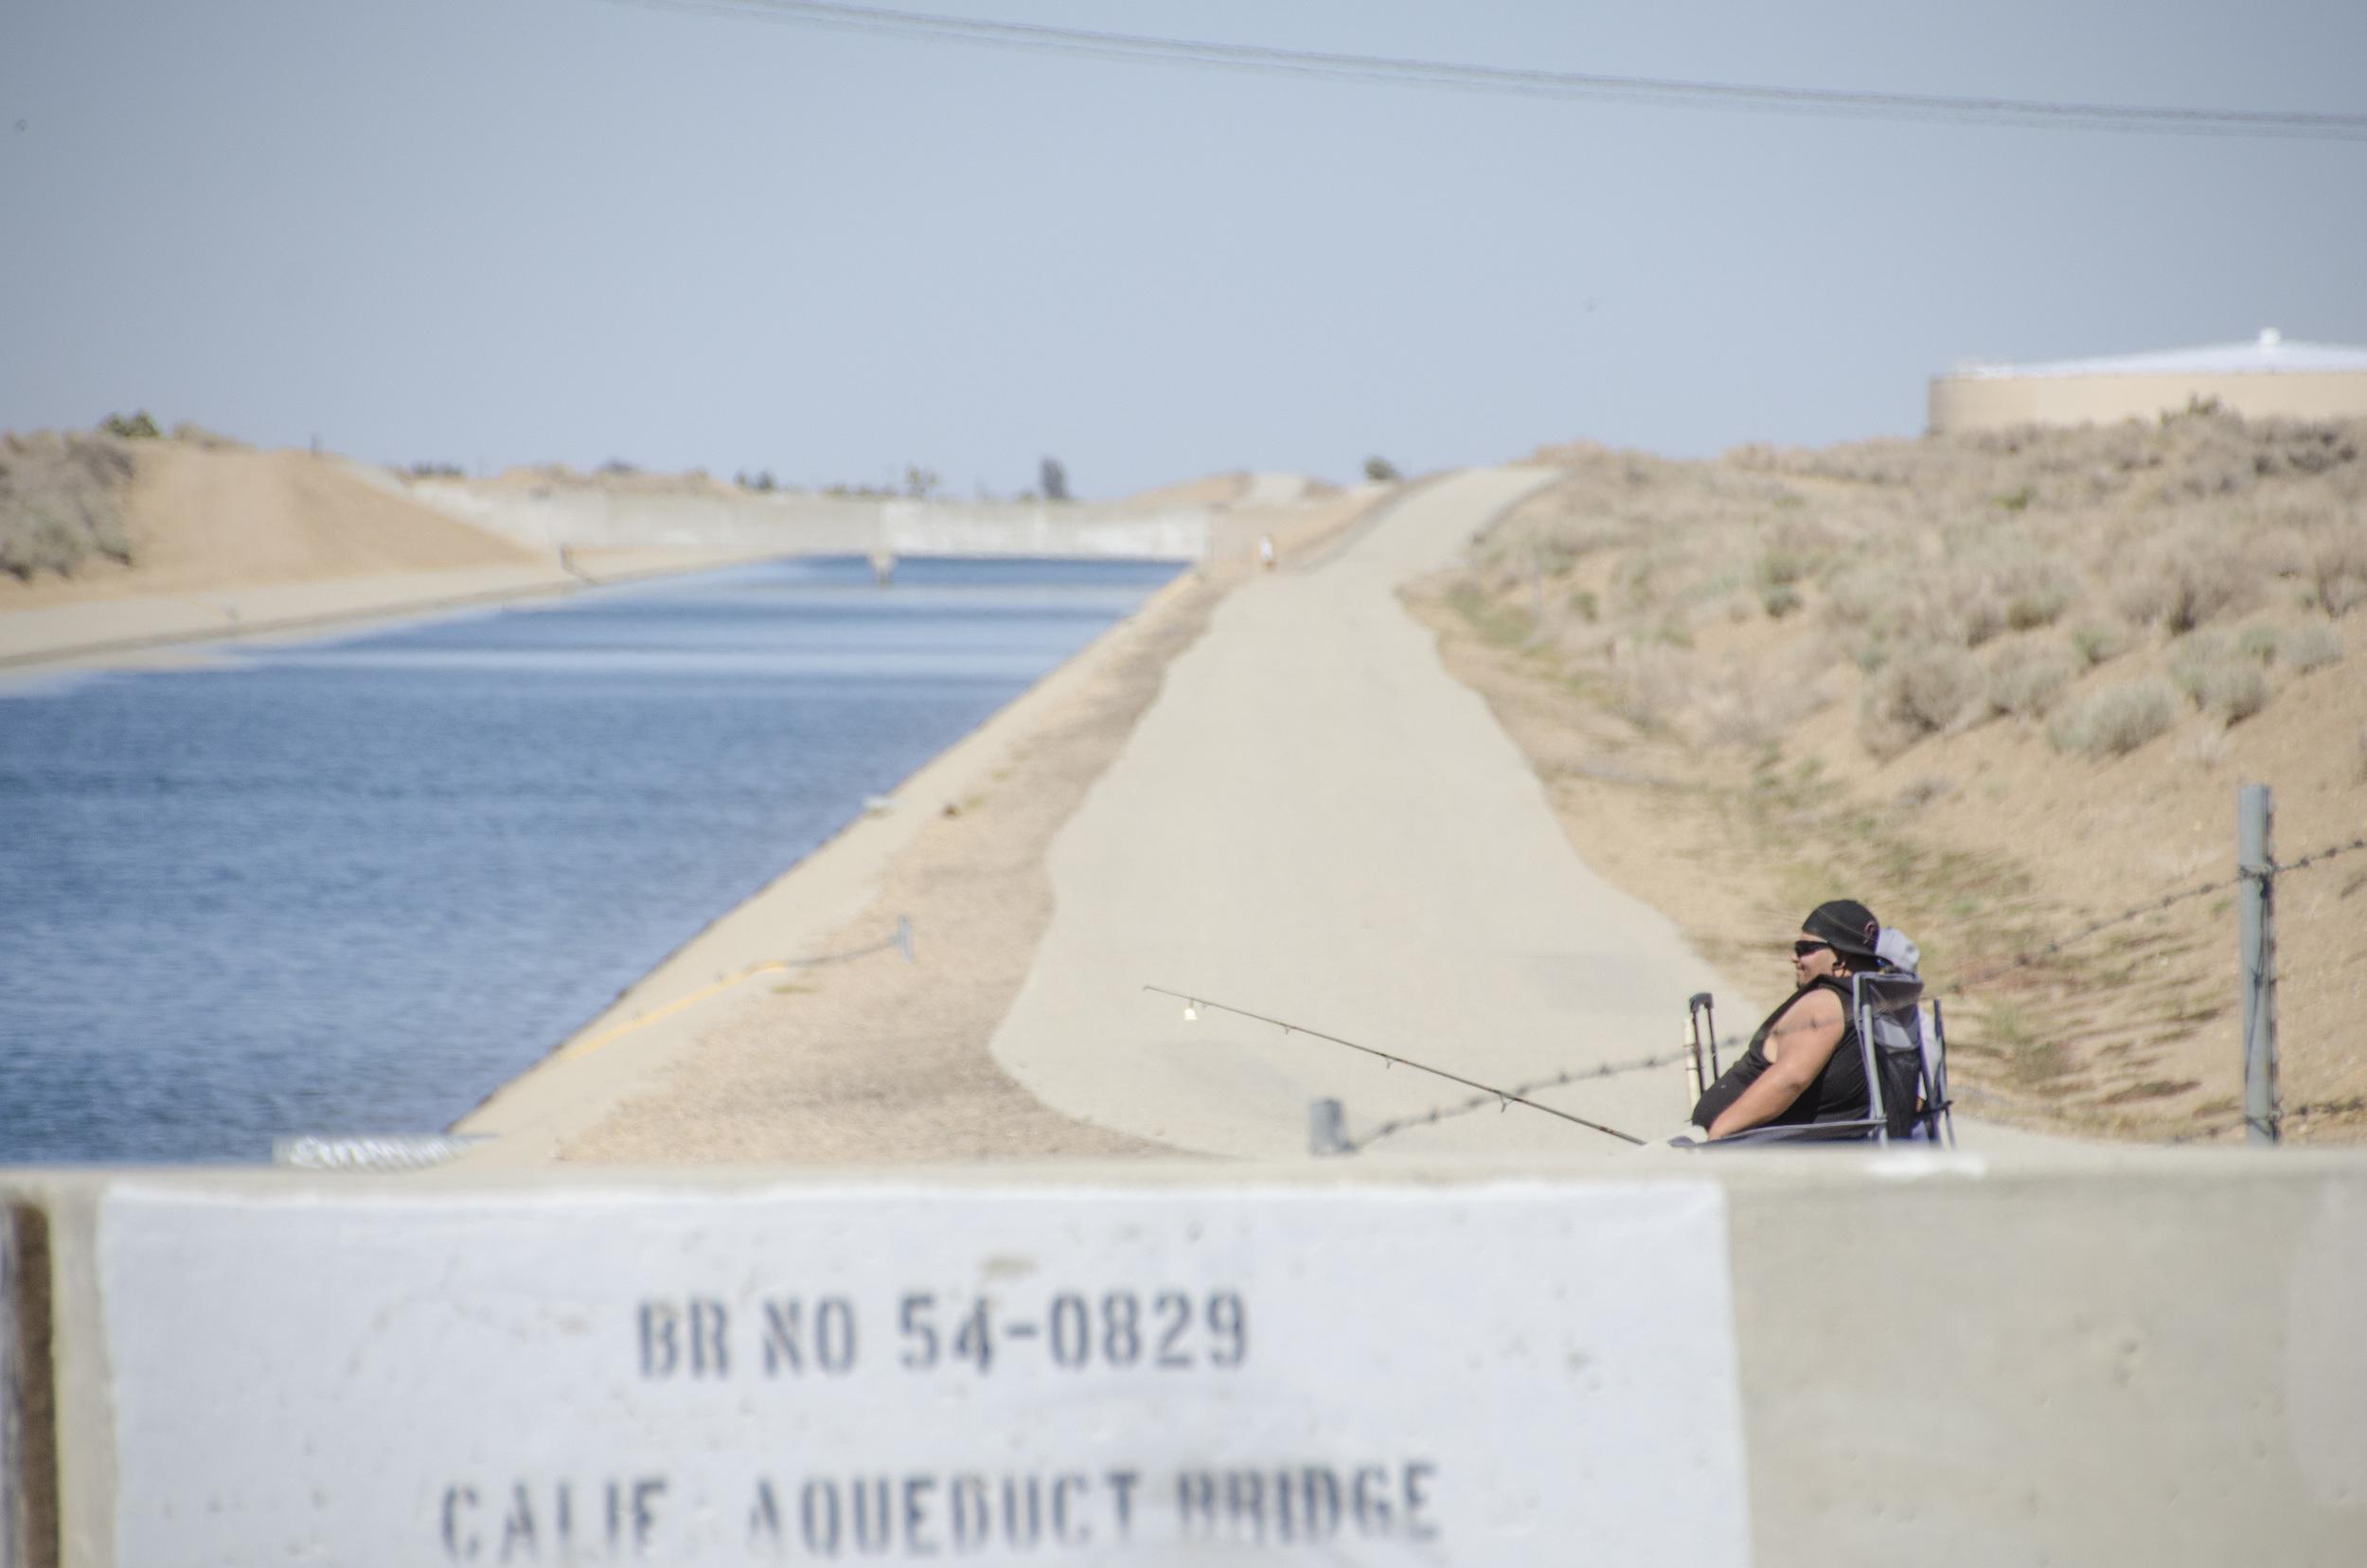 aquaductfishing2.jpg